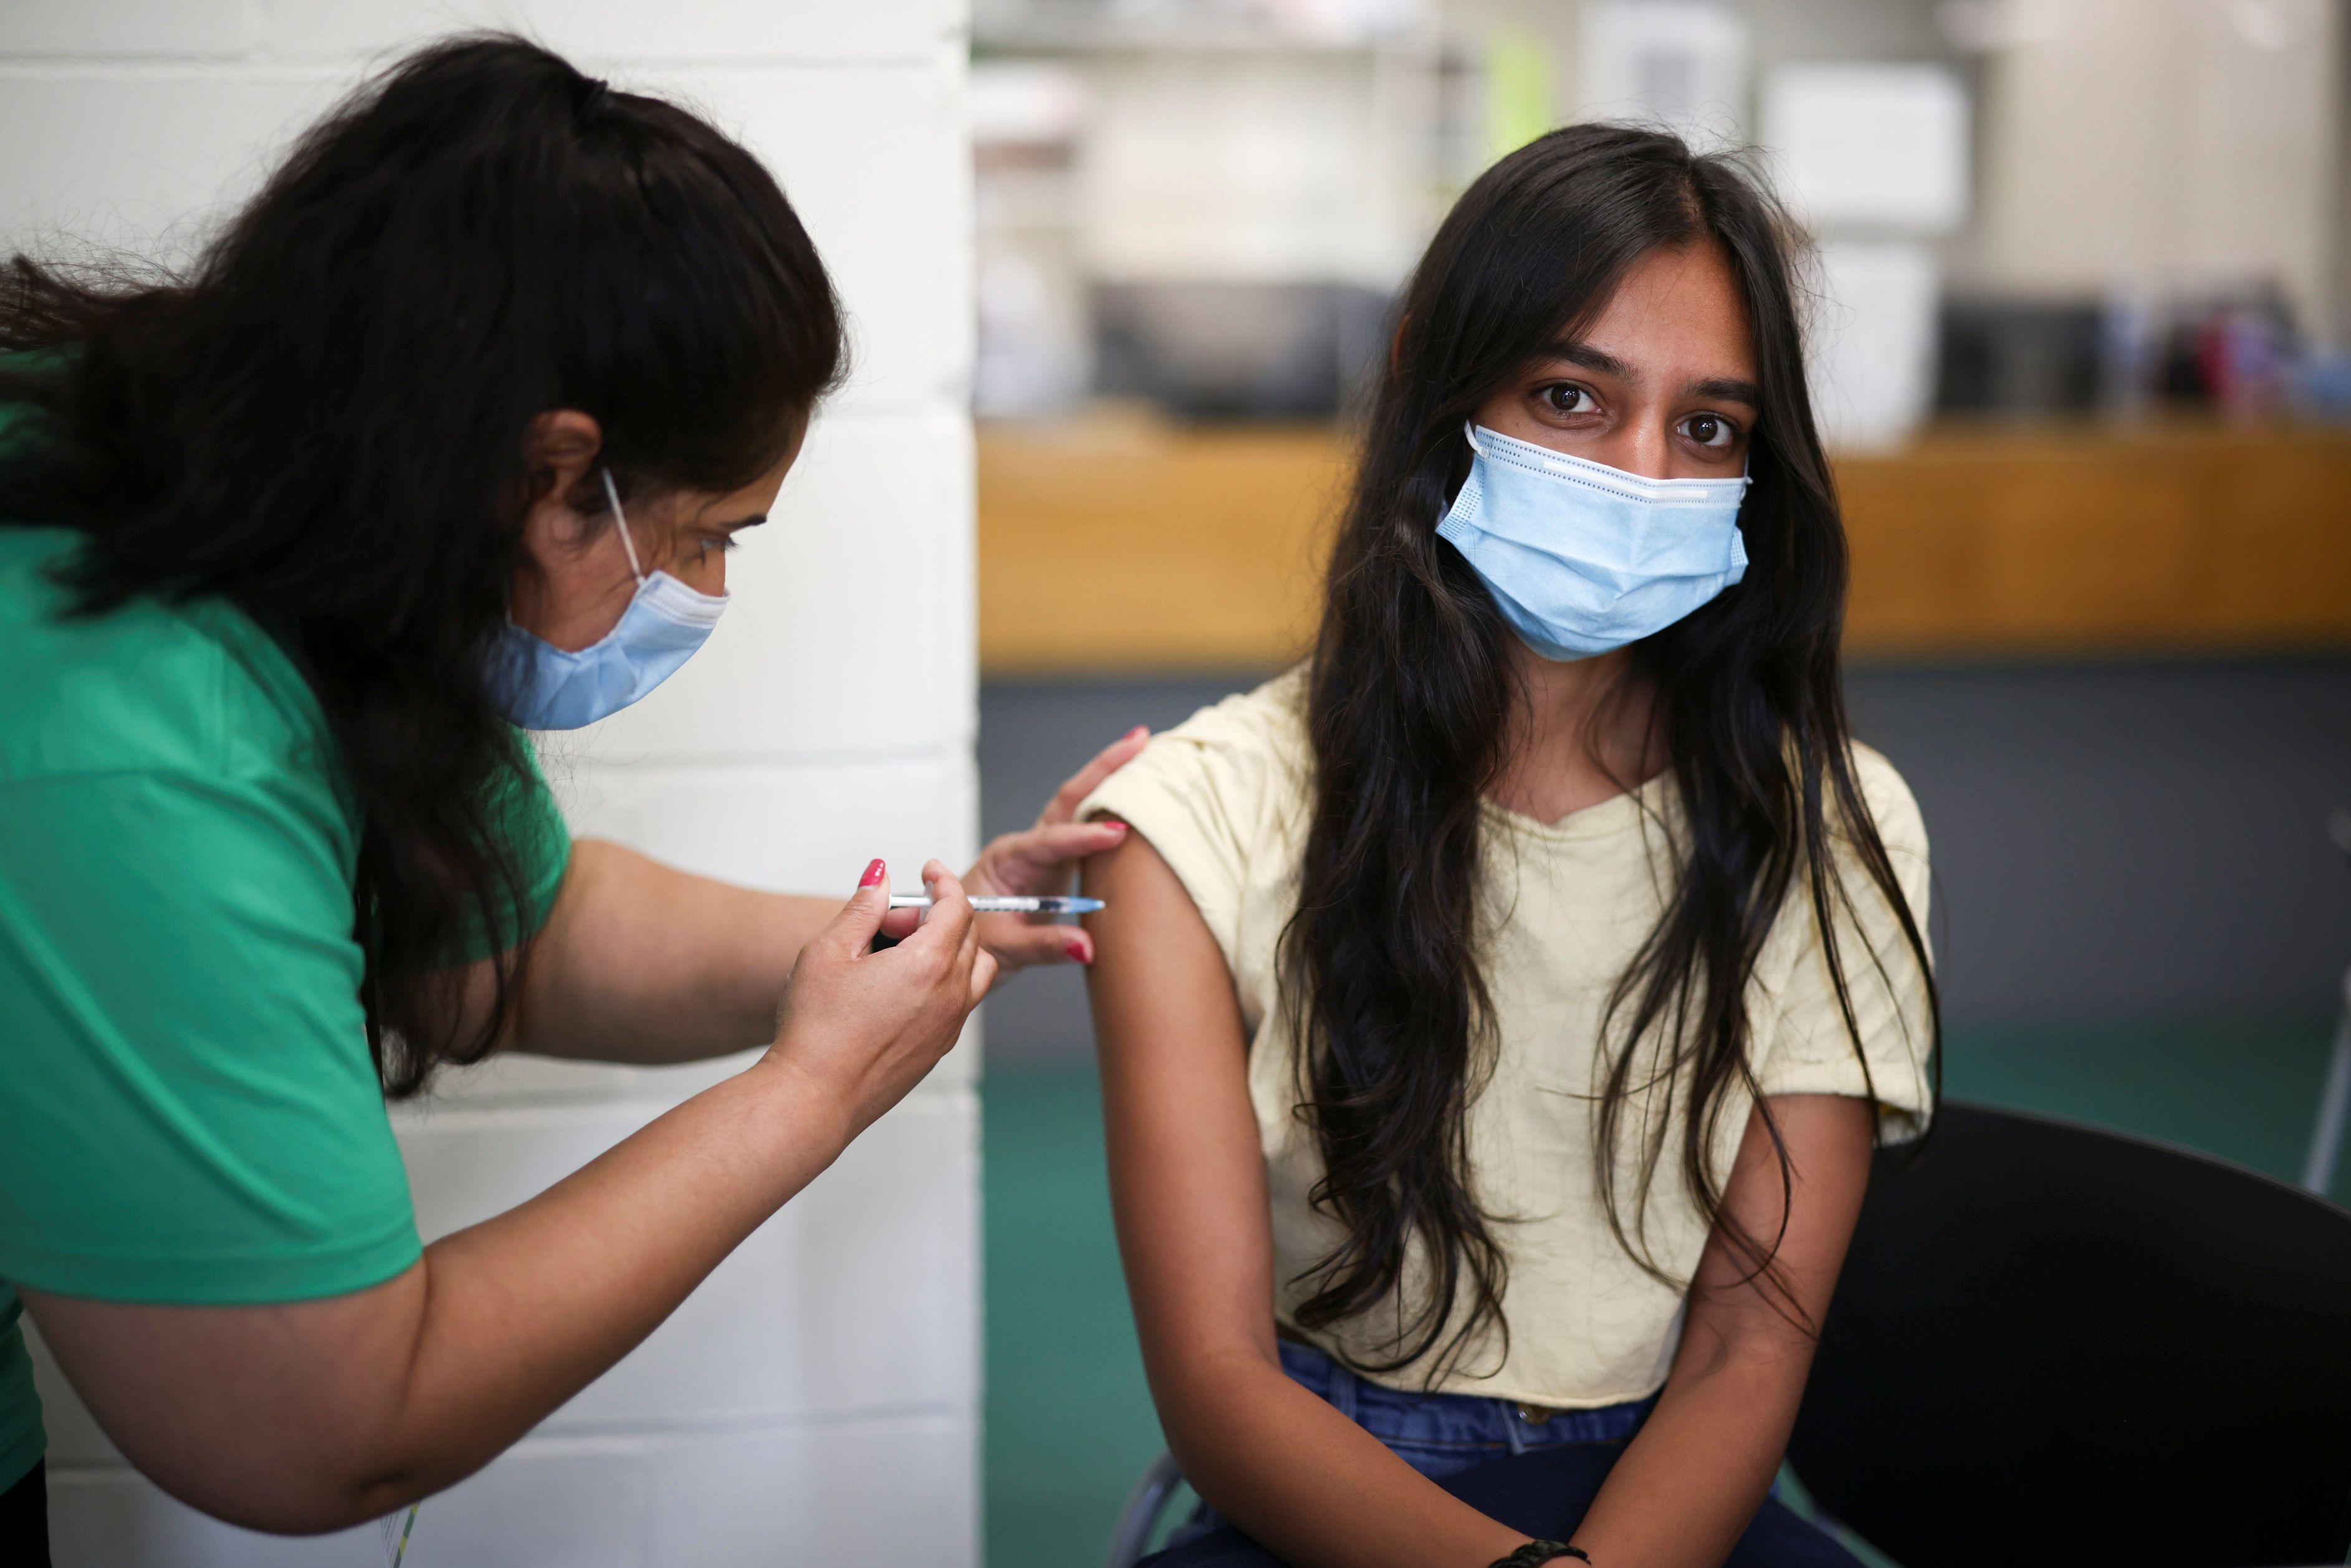 Una persona recibe una dosis de la vacuna Pfizer BioNTech en un centro de vacunación para mayores de 18 años en el Belmont Health Center en Harrow en Londres, Gran Bretaña, el 6 de junio de 2021. REUTERS / Henry Nicholls